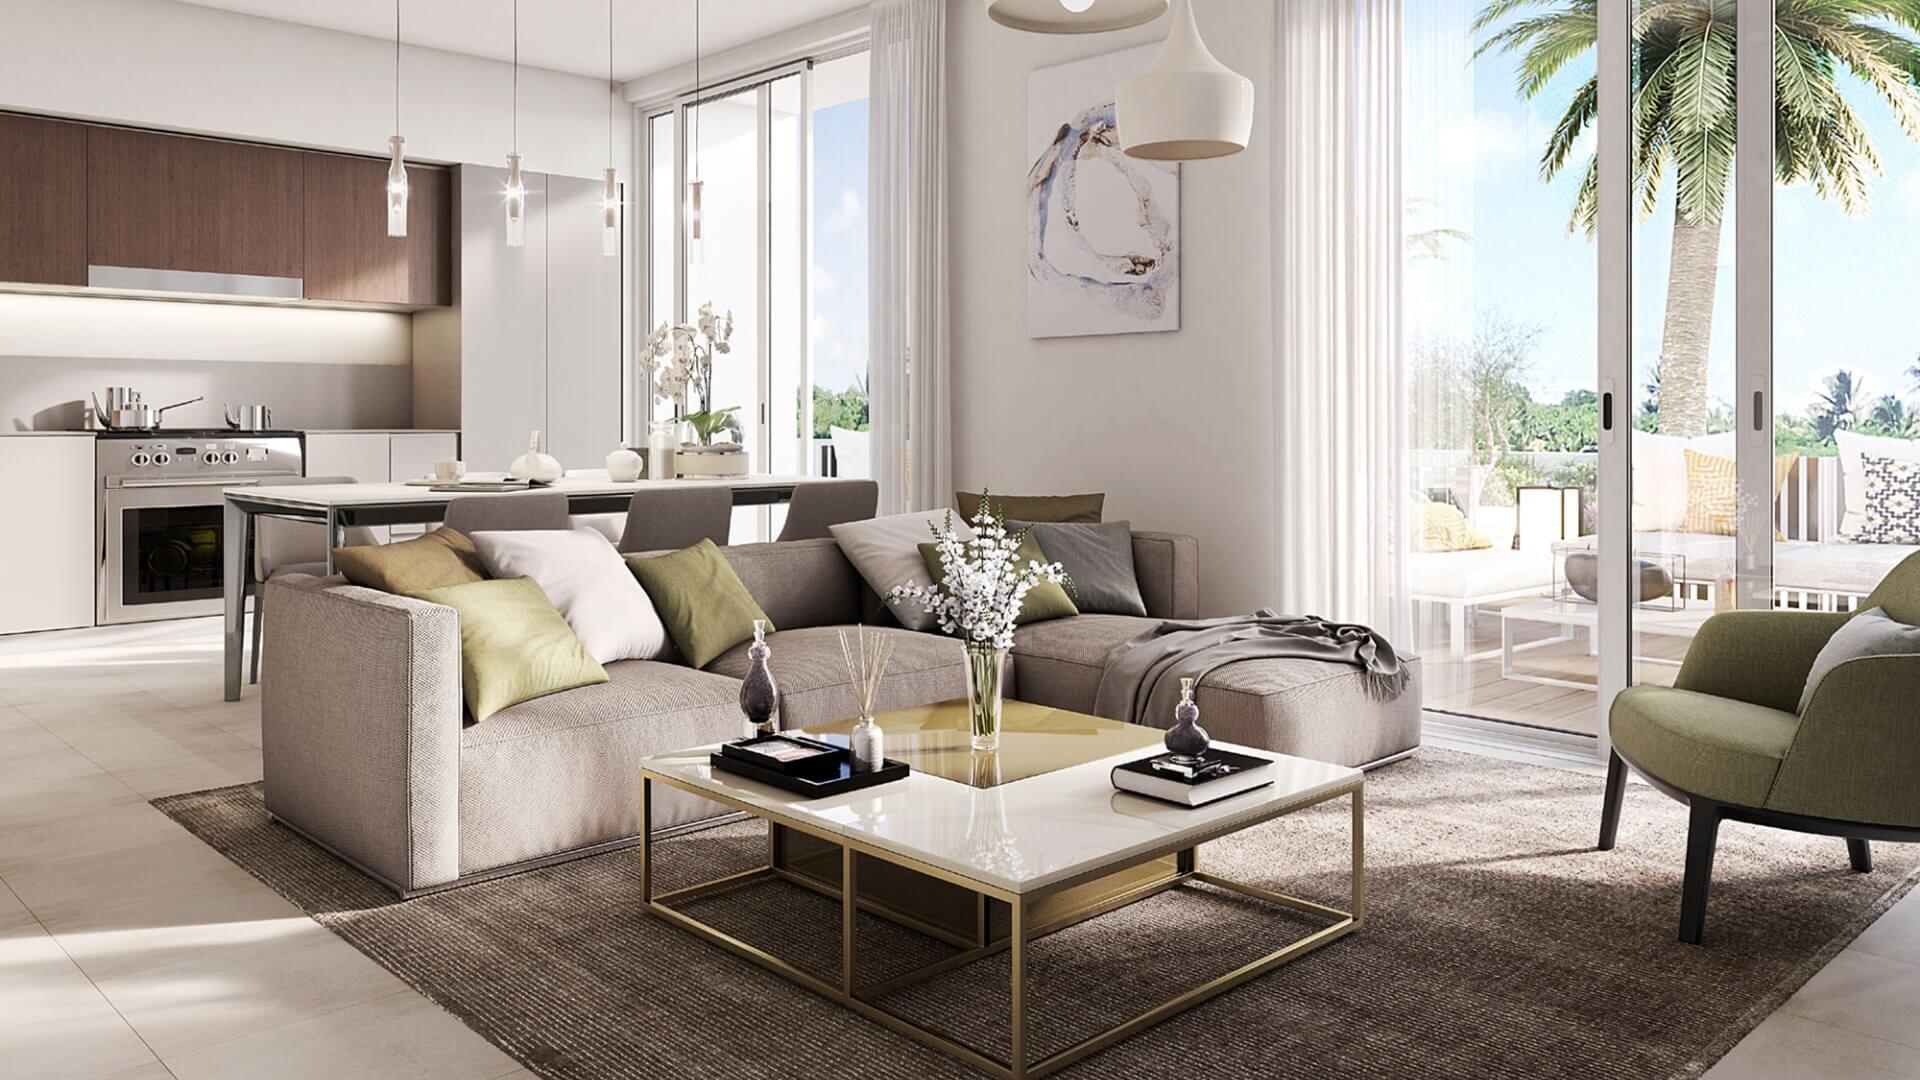 Villa en venta en Dubai, EAU, 3 dormitorios, 193 m2, № 24247 – foto 4